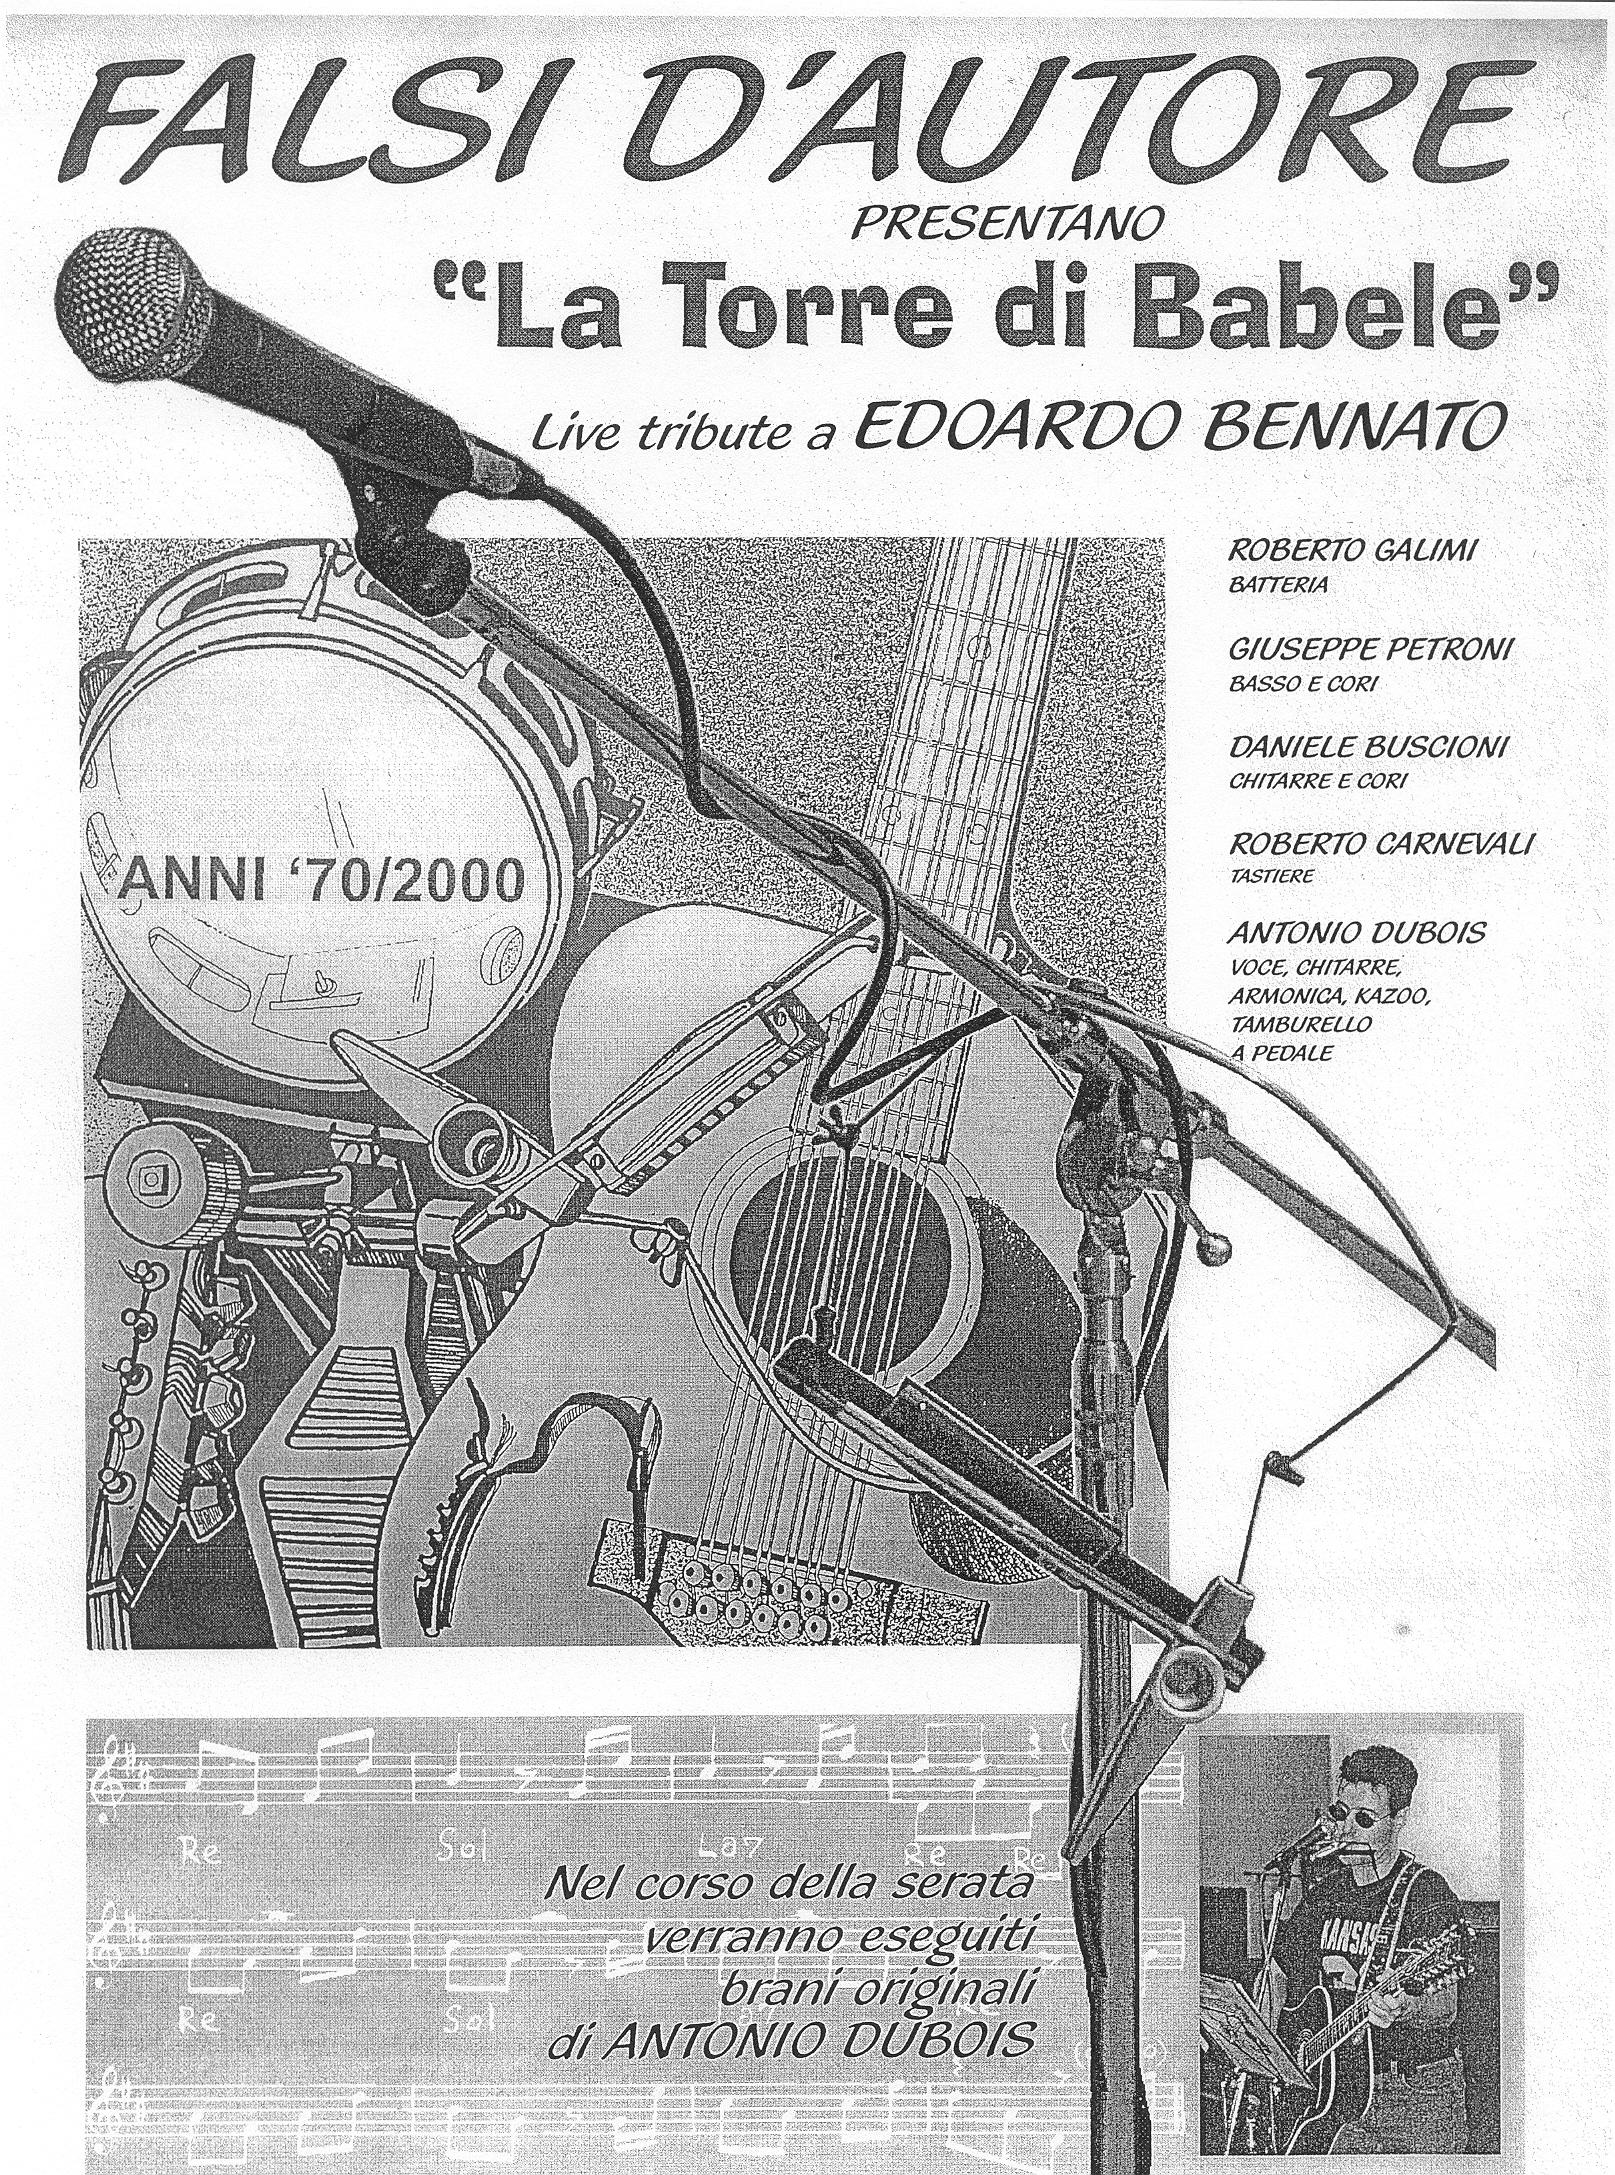 2003: La locandina della Band, che all'epoca si chiamava ancora Falsi d'Autore